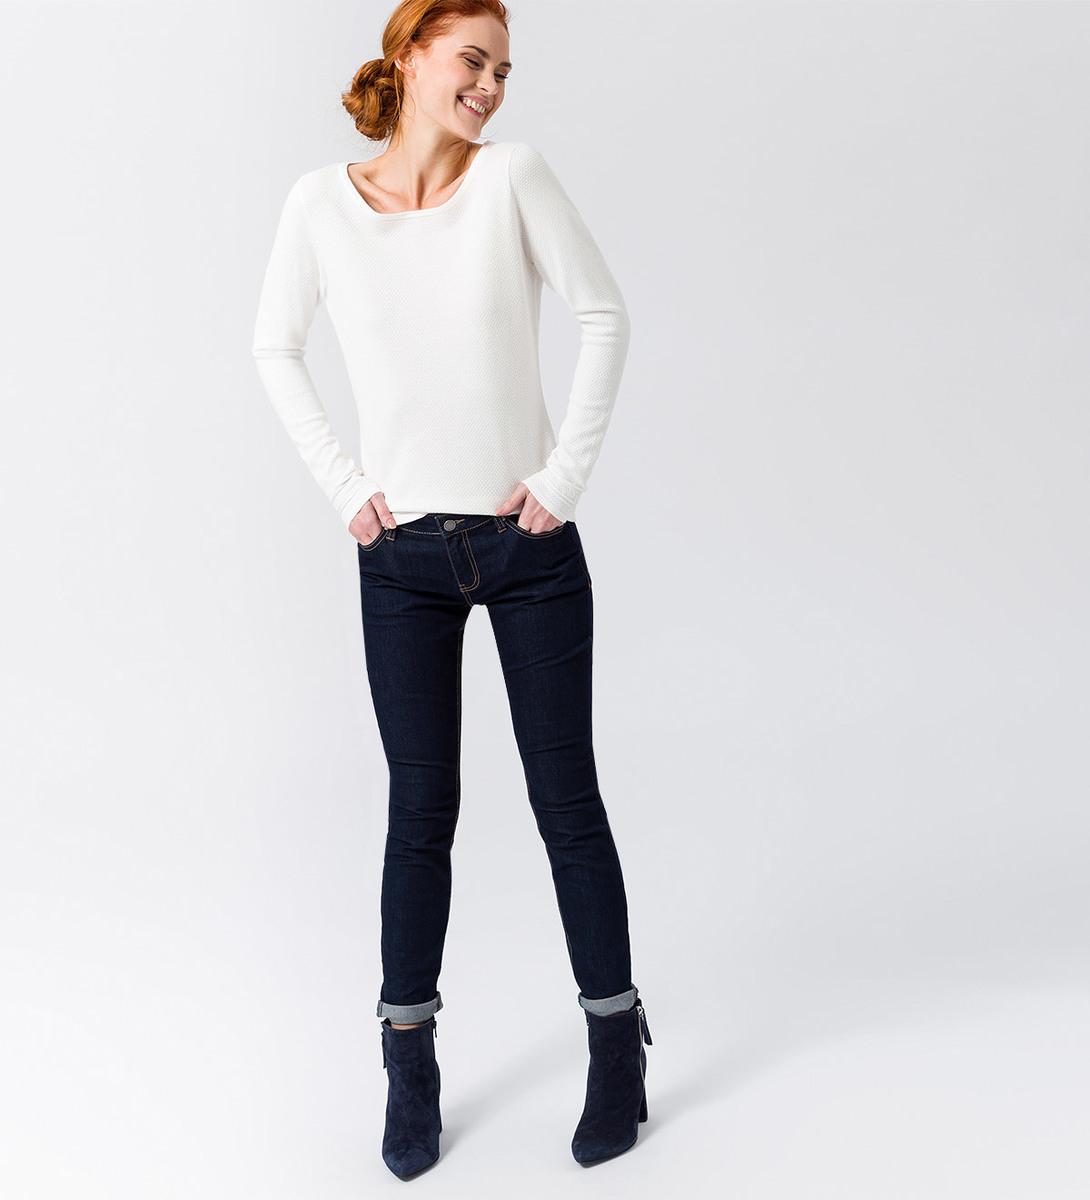 Pullover in Feinstrickqualität in offwhite